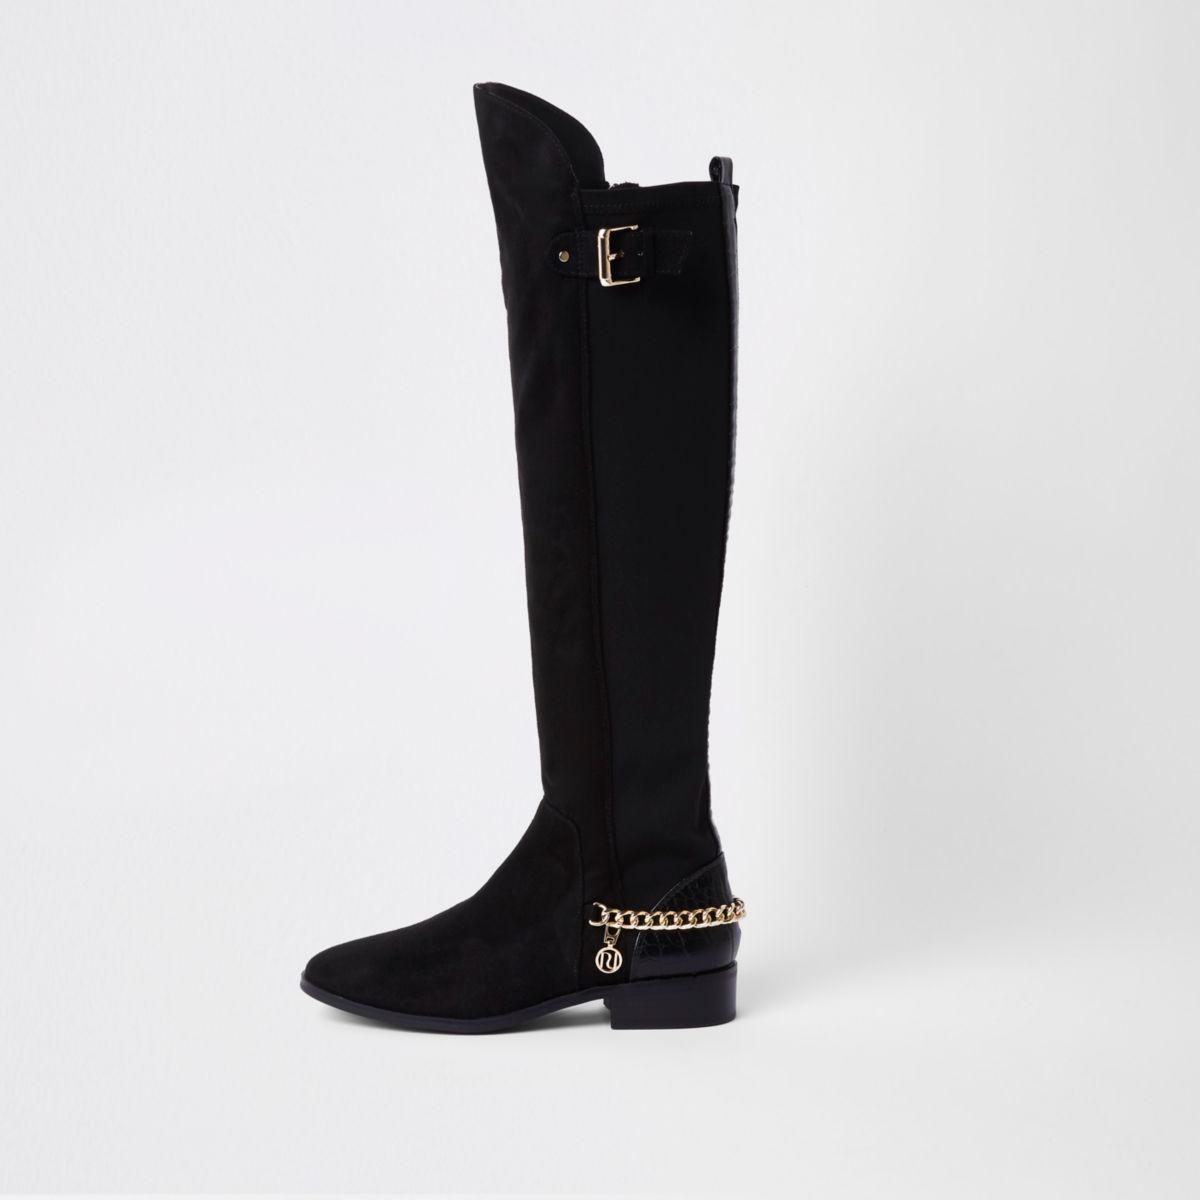 Zwarte laarzen tot over de knie met ketting